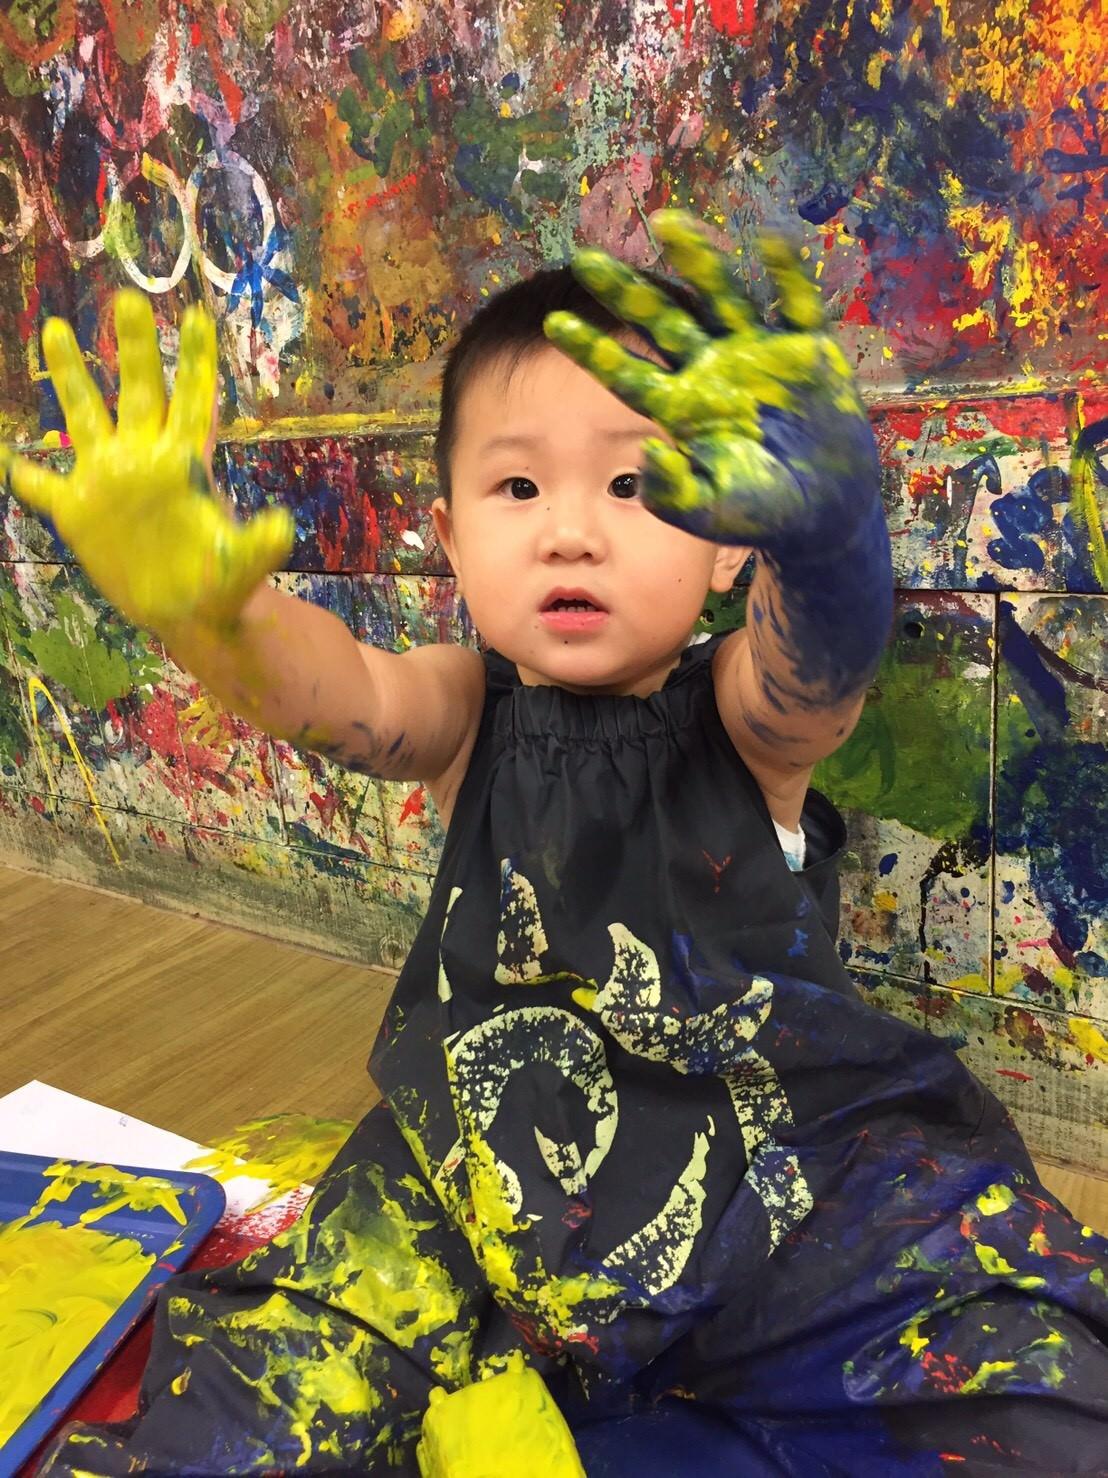 2歲4M寶寶的塗鴉畫畫課❤️ AARON BB上課趣 ❤️大金剛塗鴉遊戲動物園 (≧∇≦)/